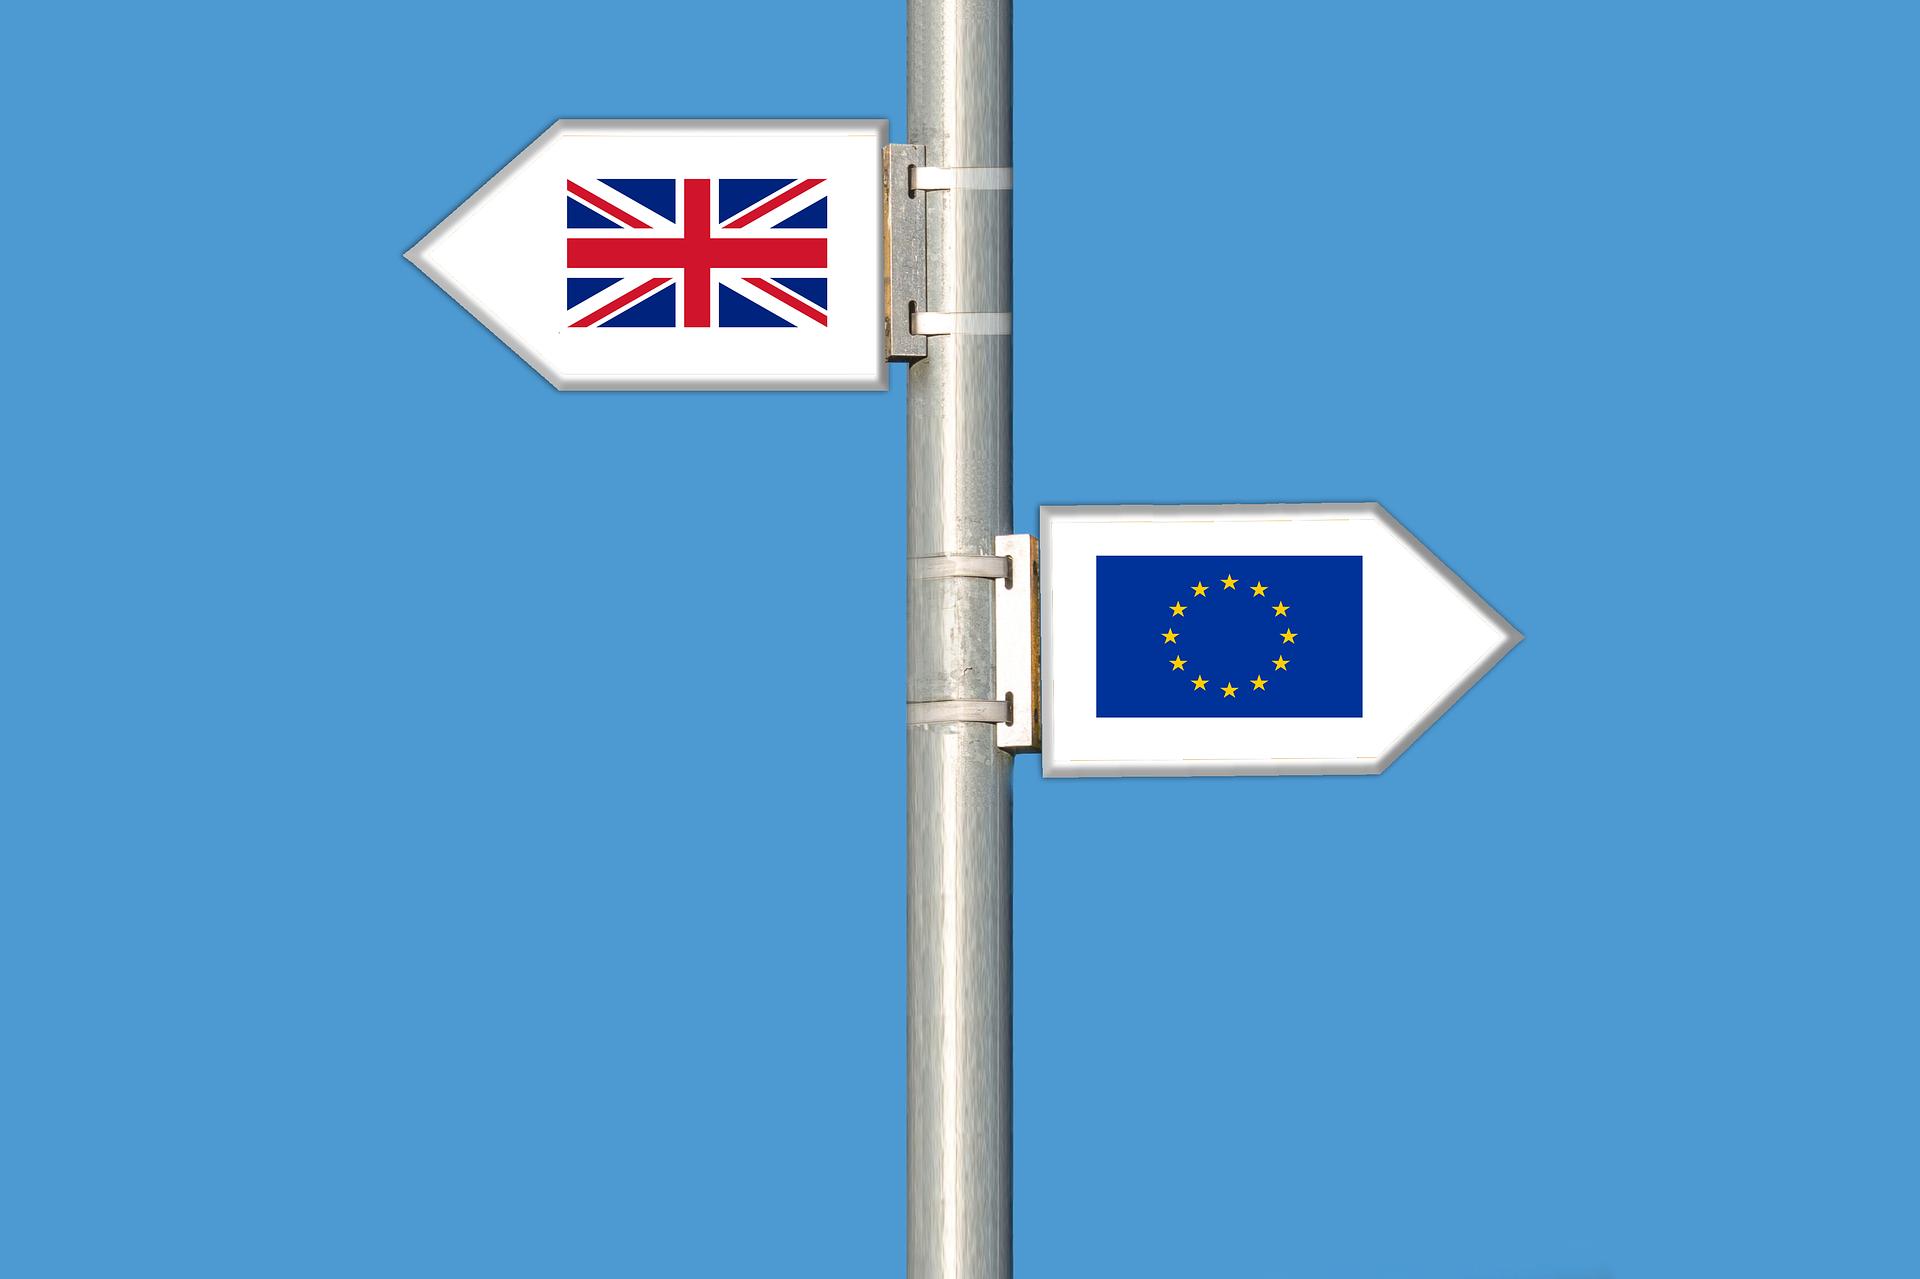 Tras el resultado del Brexit se estima que habrá una menor afluencia de turistas europeos hacia destinos como Londres. Aquí algunas de las razones.